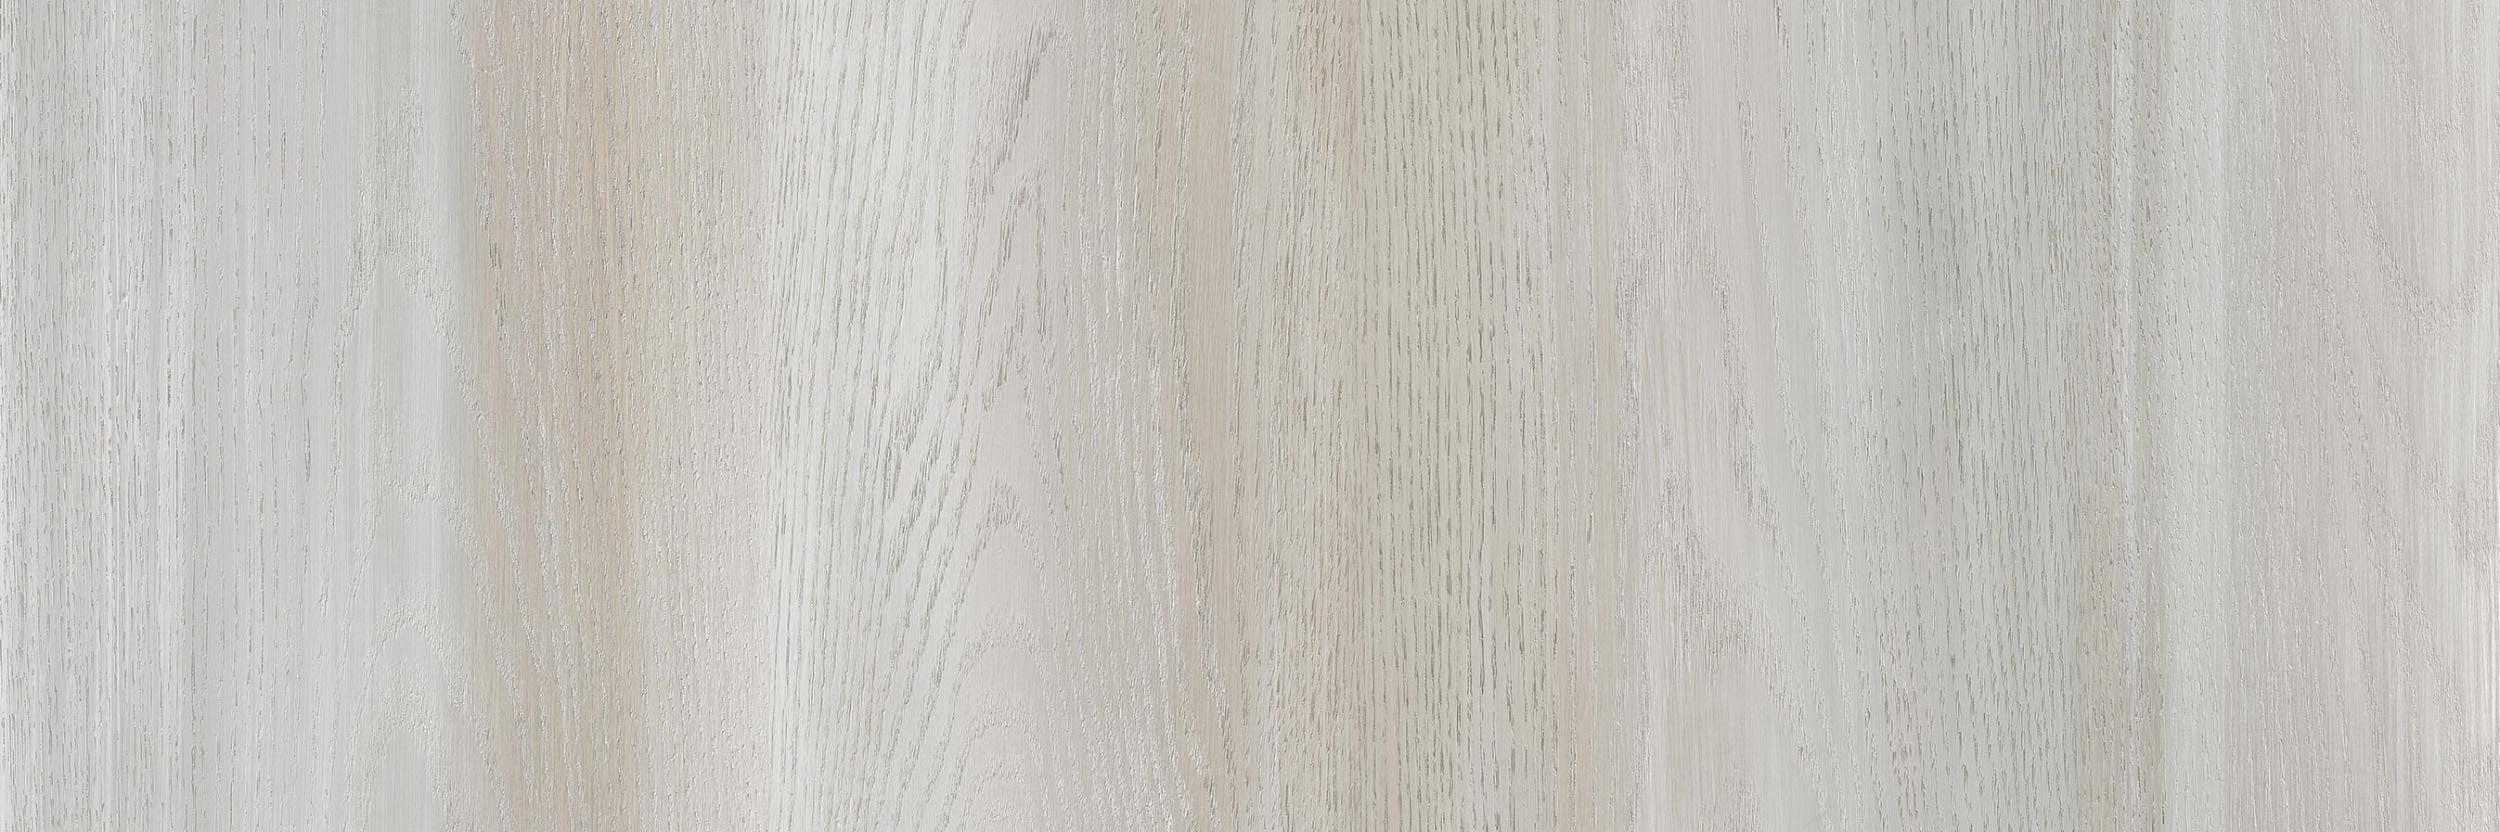 Calming Oak Y0779 Laminate Countertops